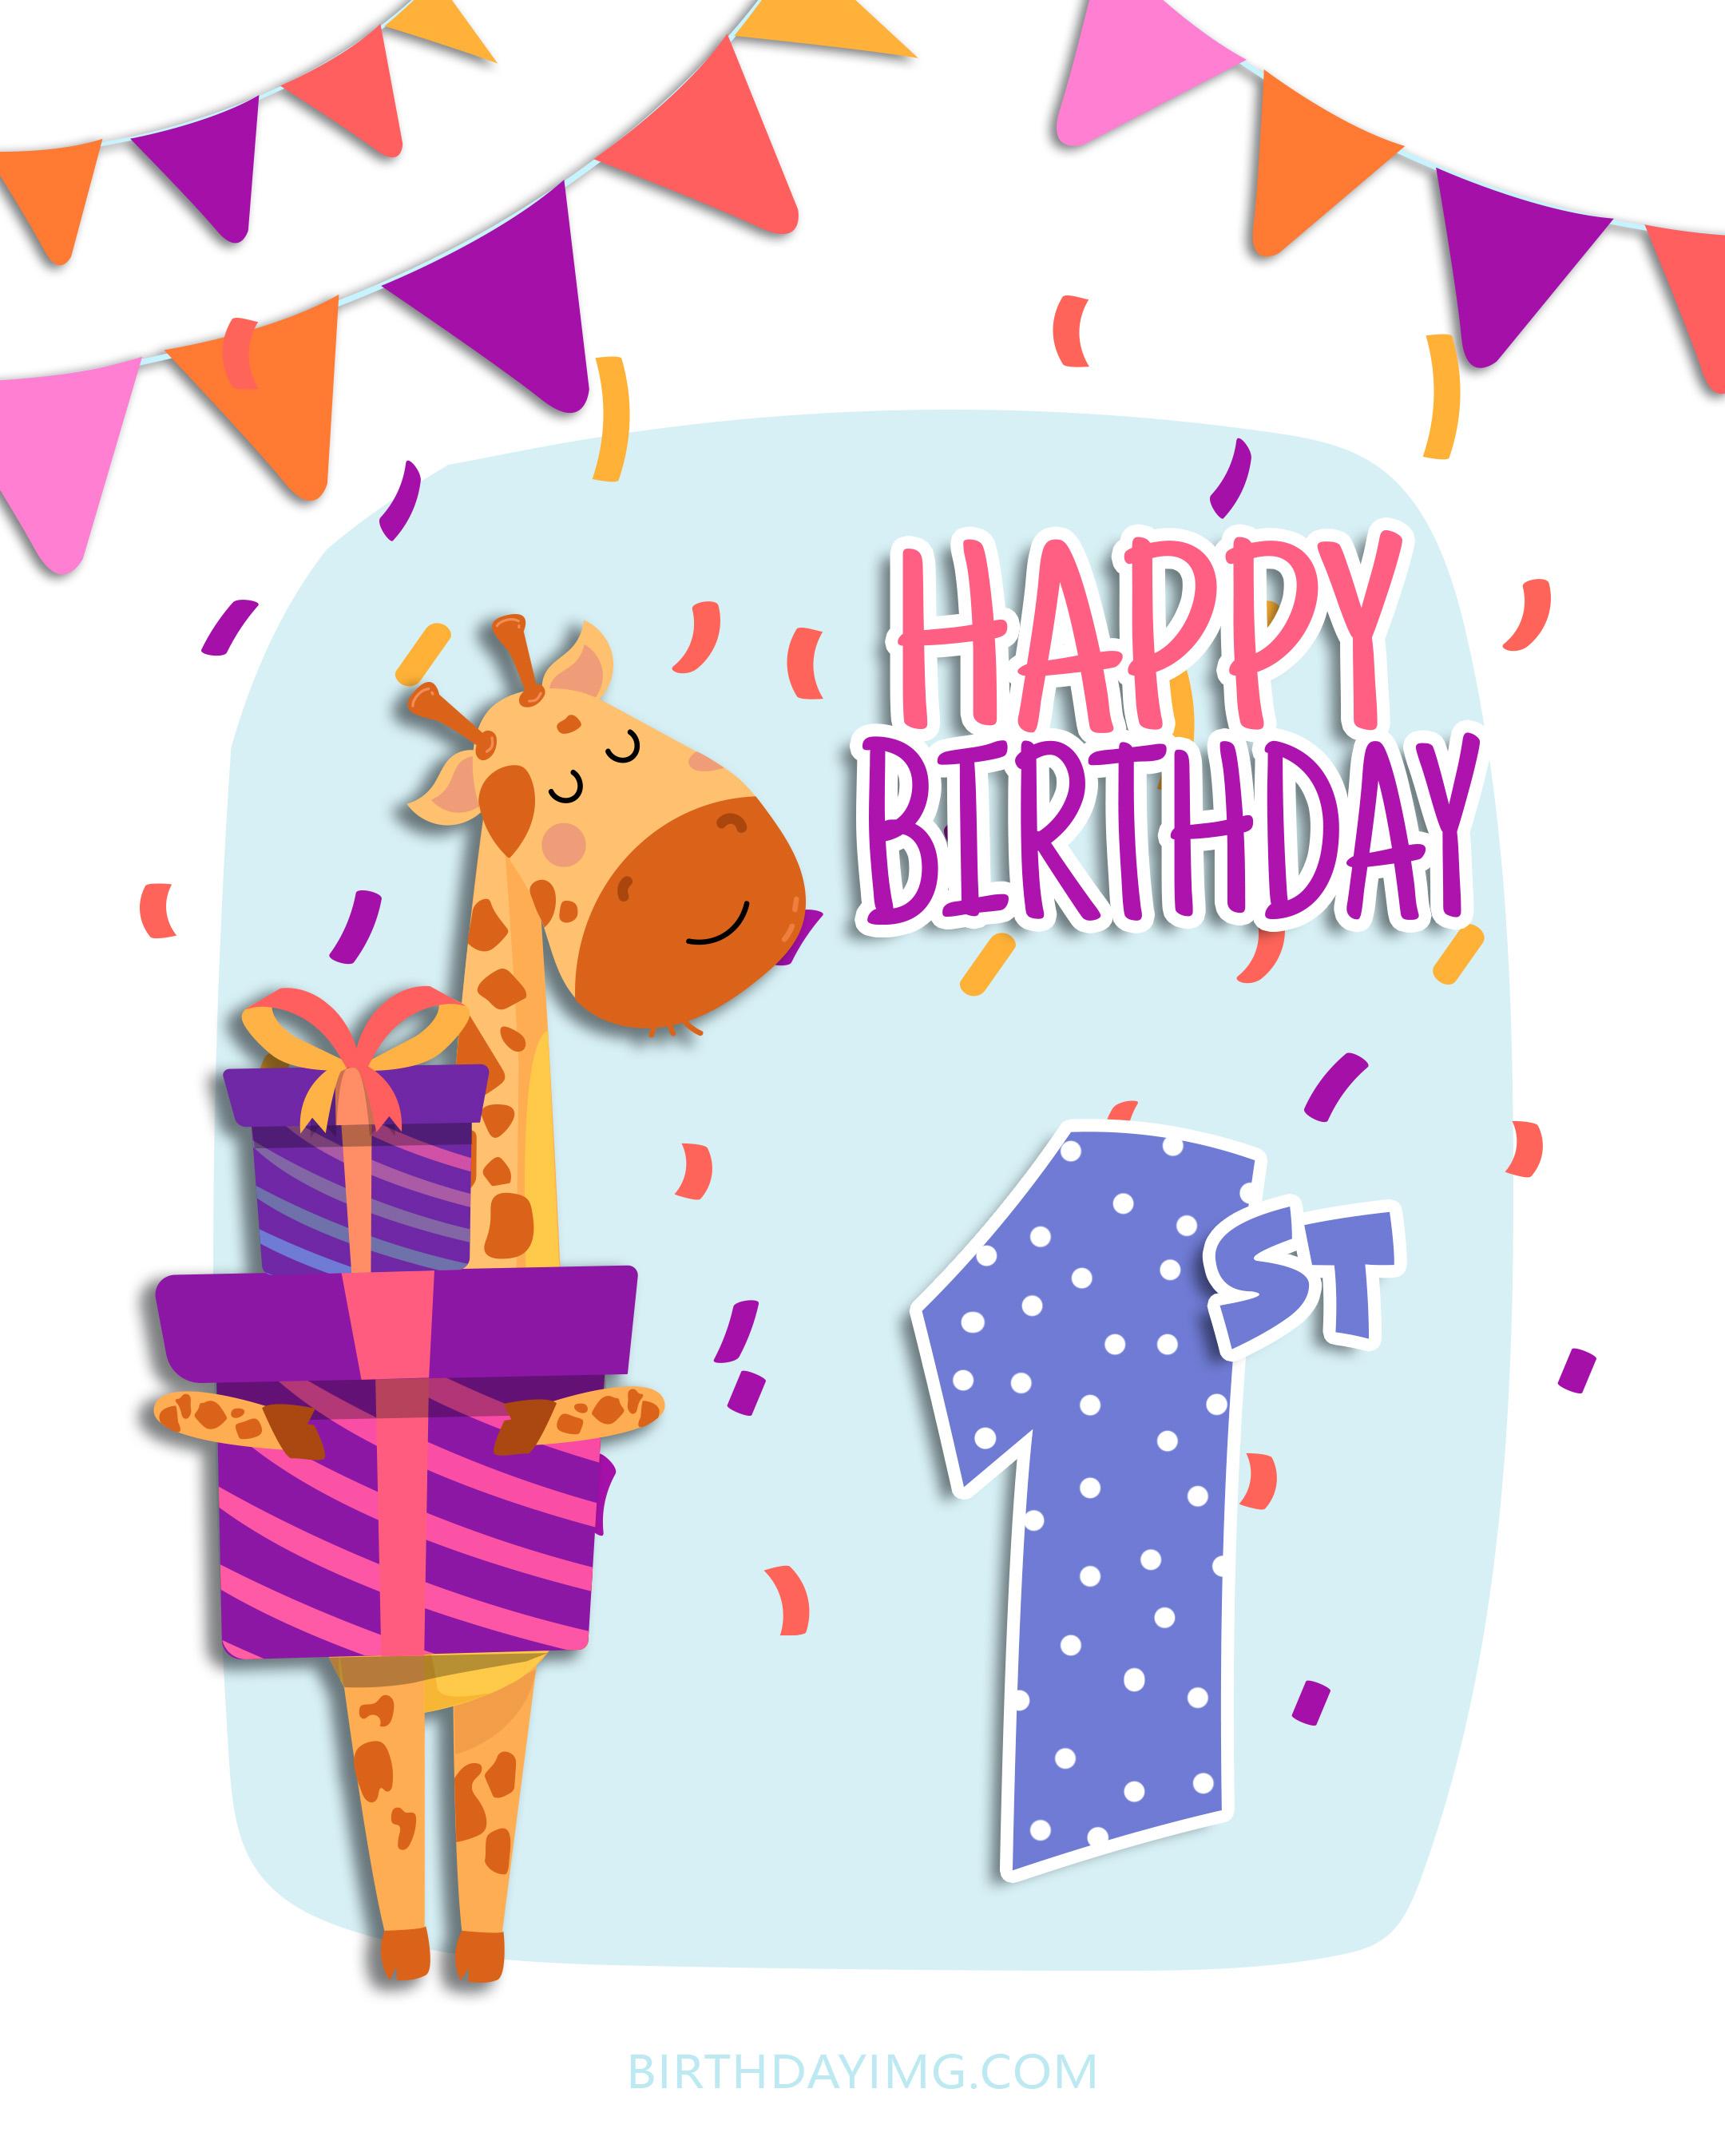 Free 1st Year Happy Birthday Image With Giraffe and Gift Box - birthdayimg.com